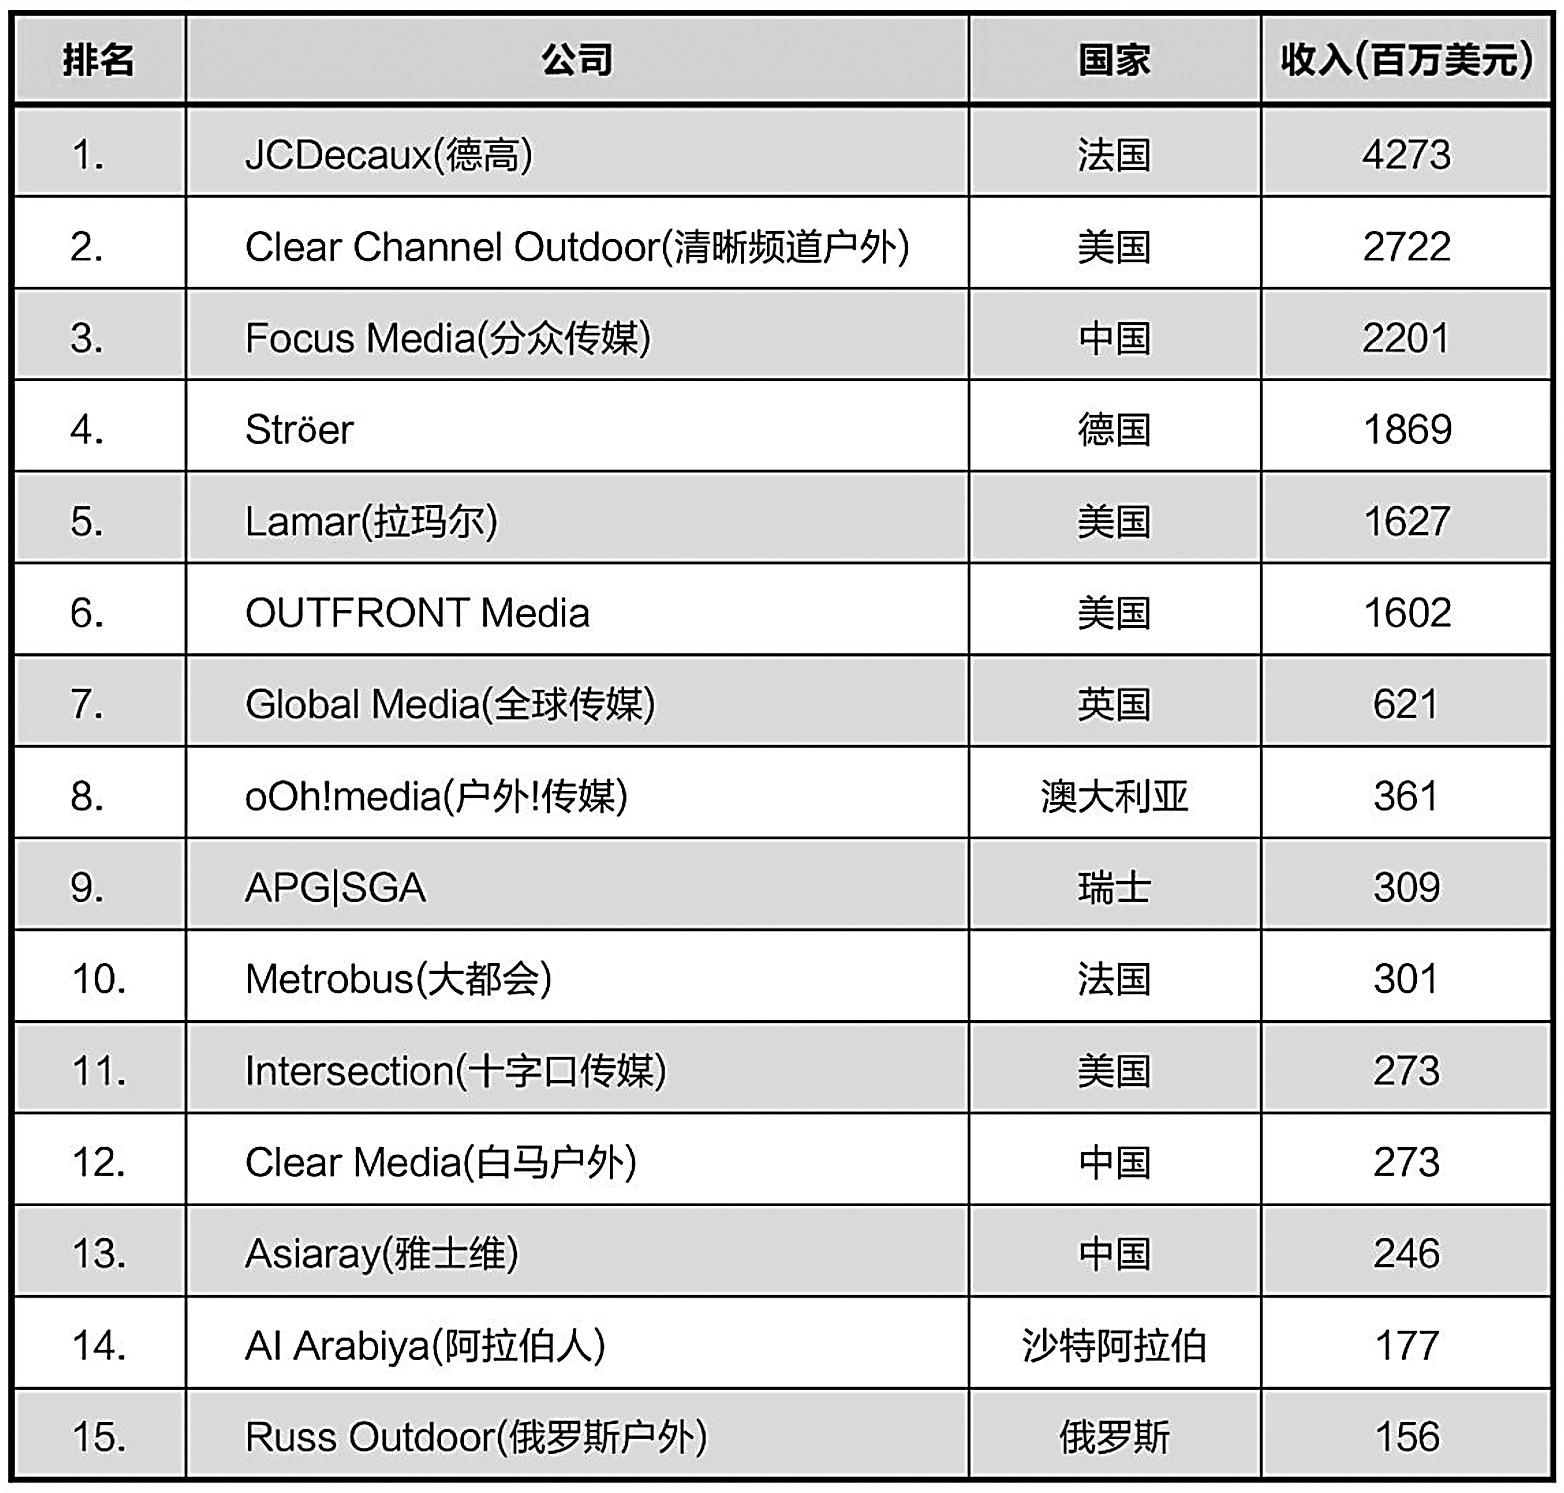 分众传媒跻身2018全球户外媒体营收榜三甲 泛商业